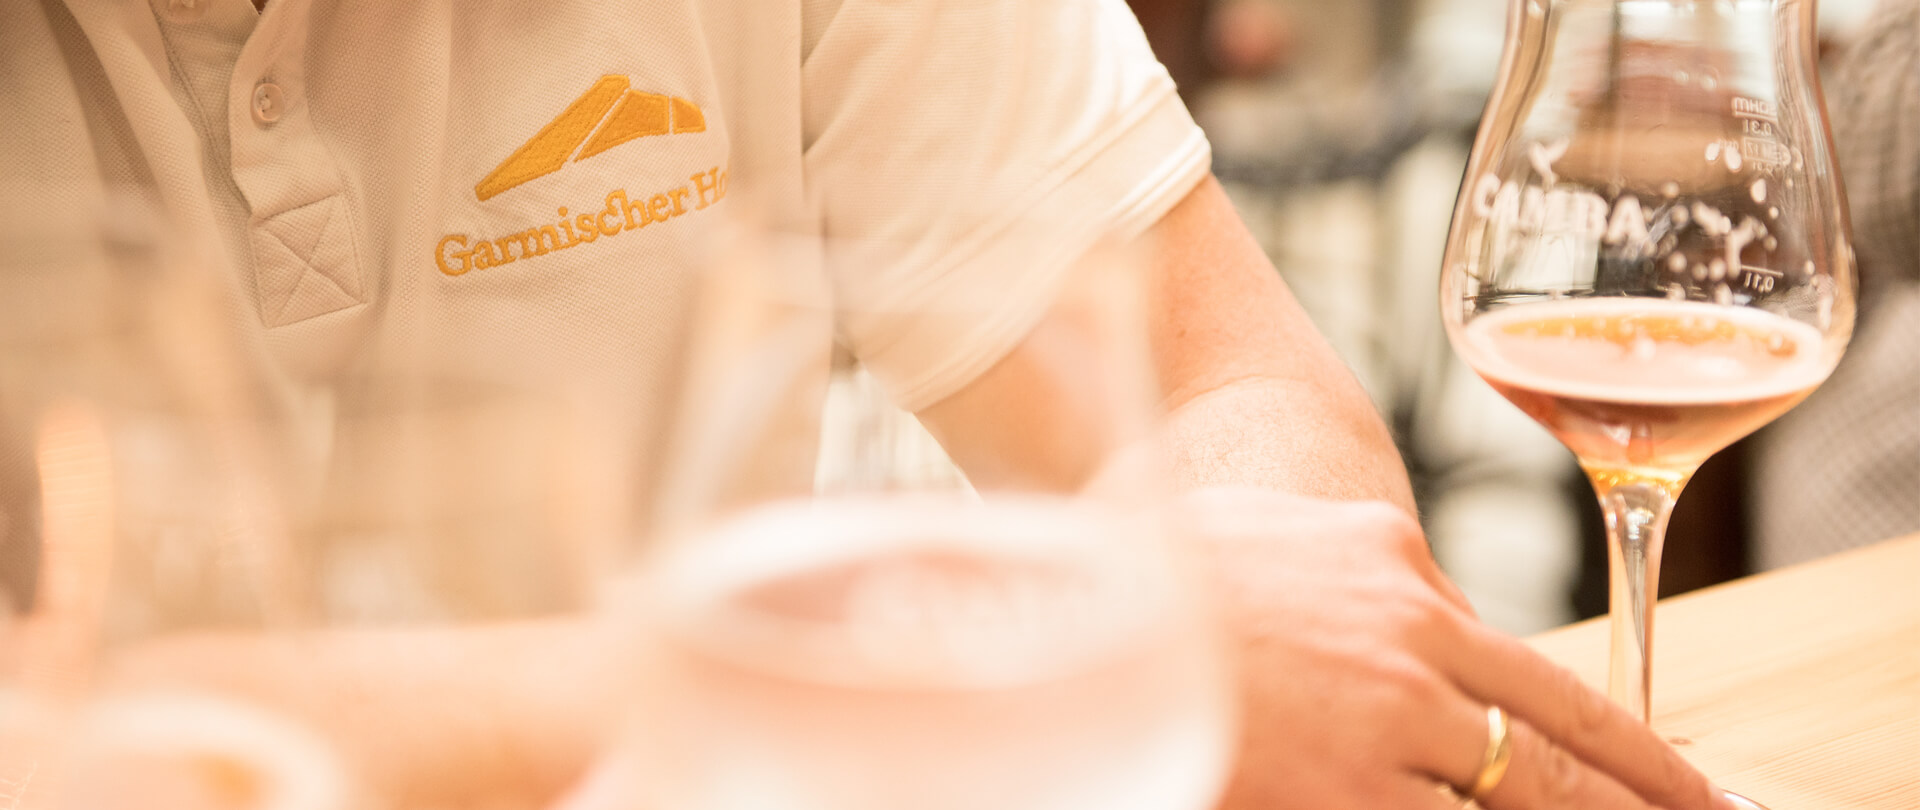 Garmischer Hof Bierbrauerei Mann mit Bier